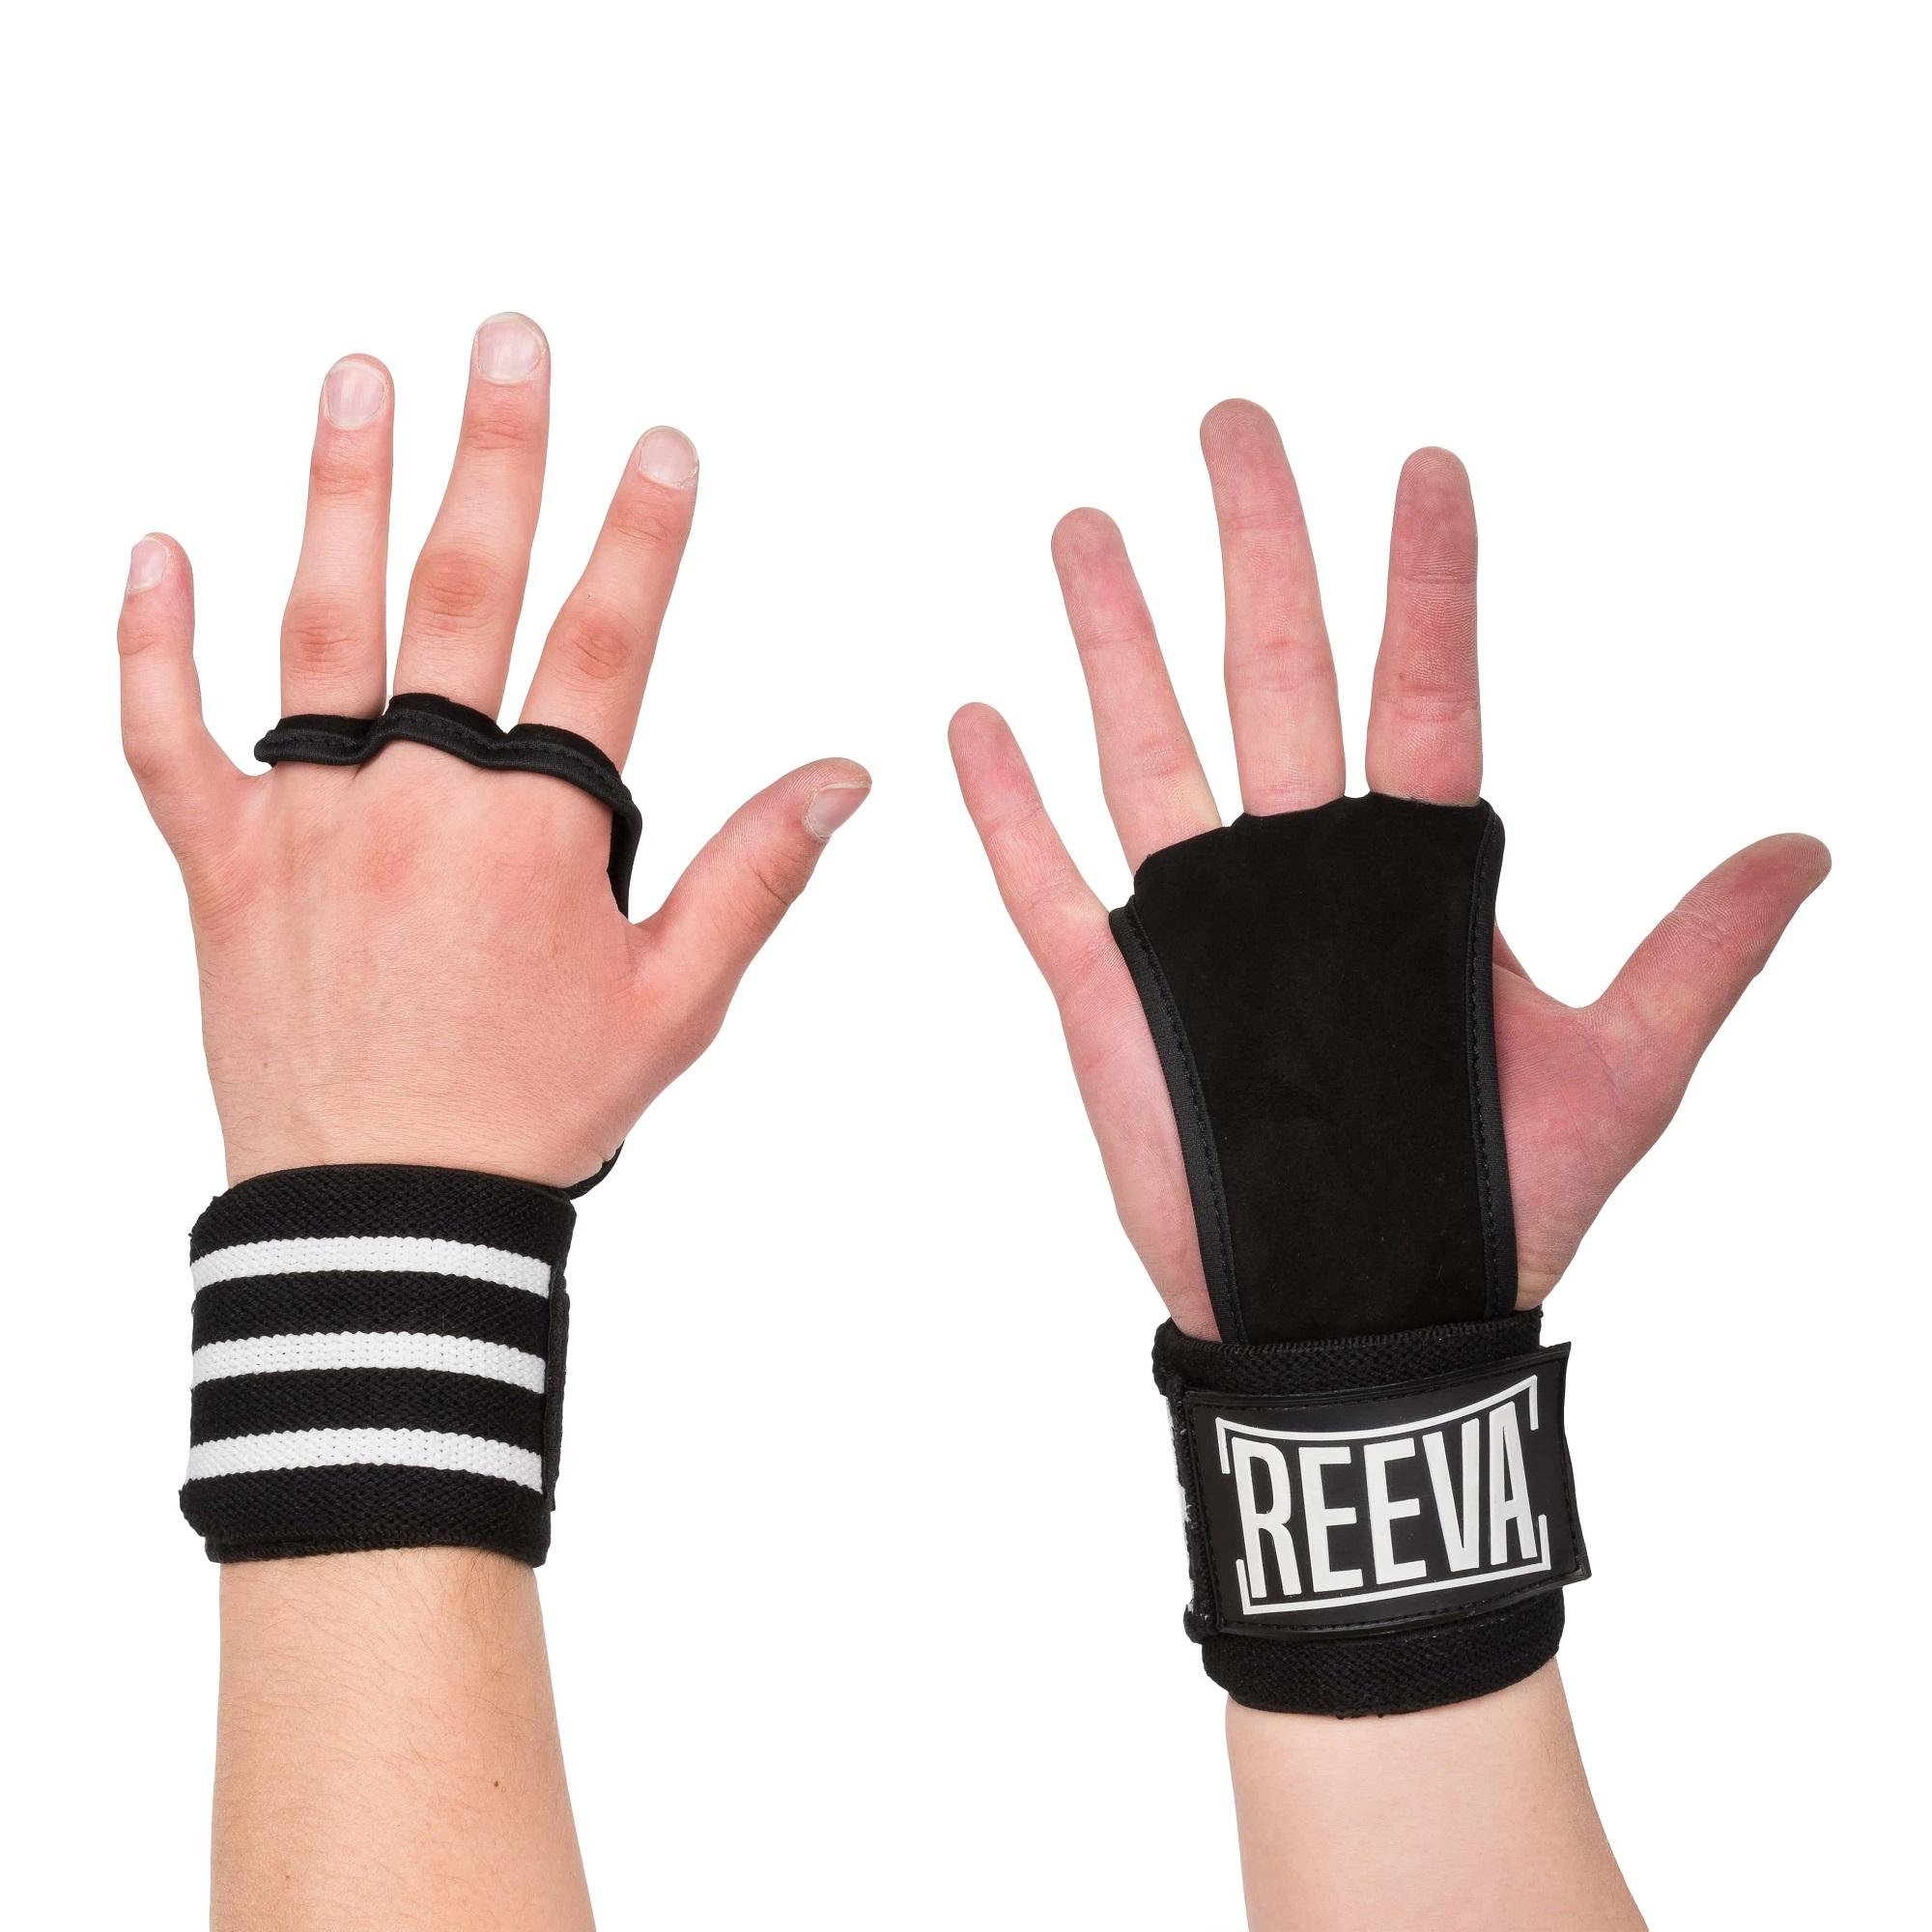 Reeva Kangaroo Grips - Crossfit Handschoenen - Wrist Wrap - XS